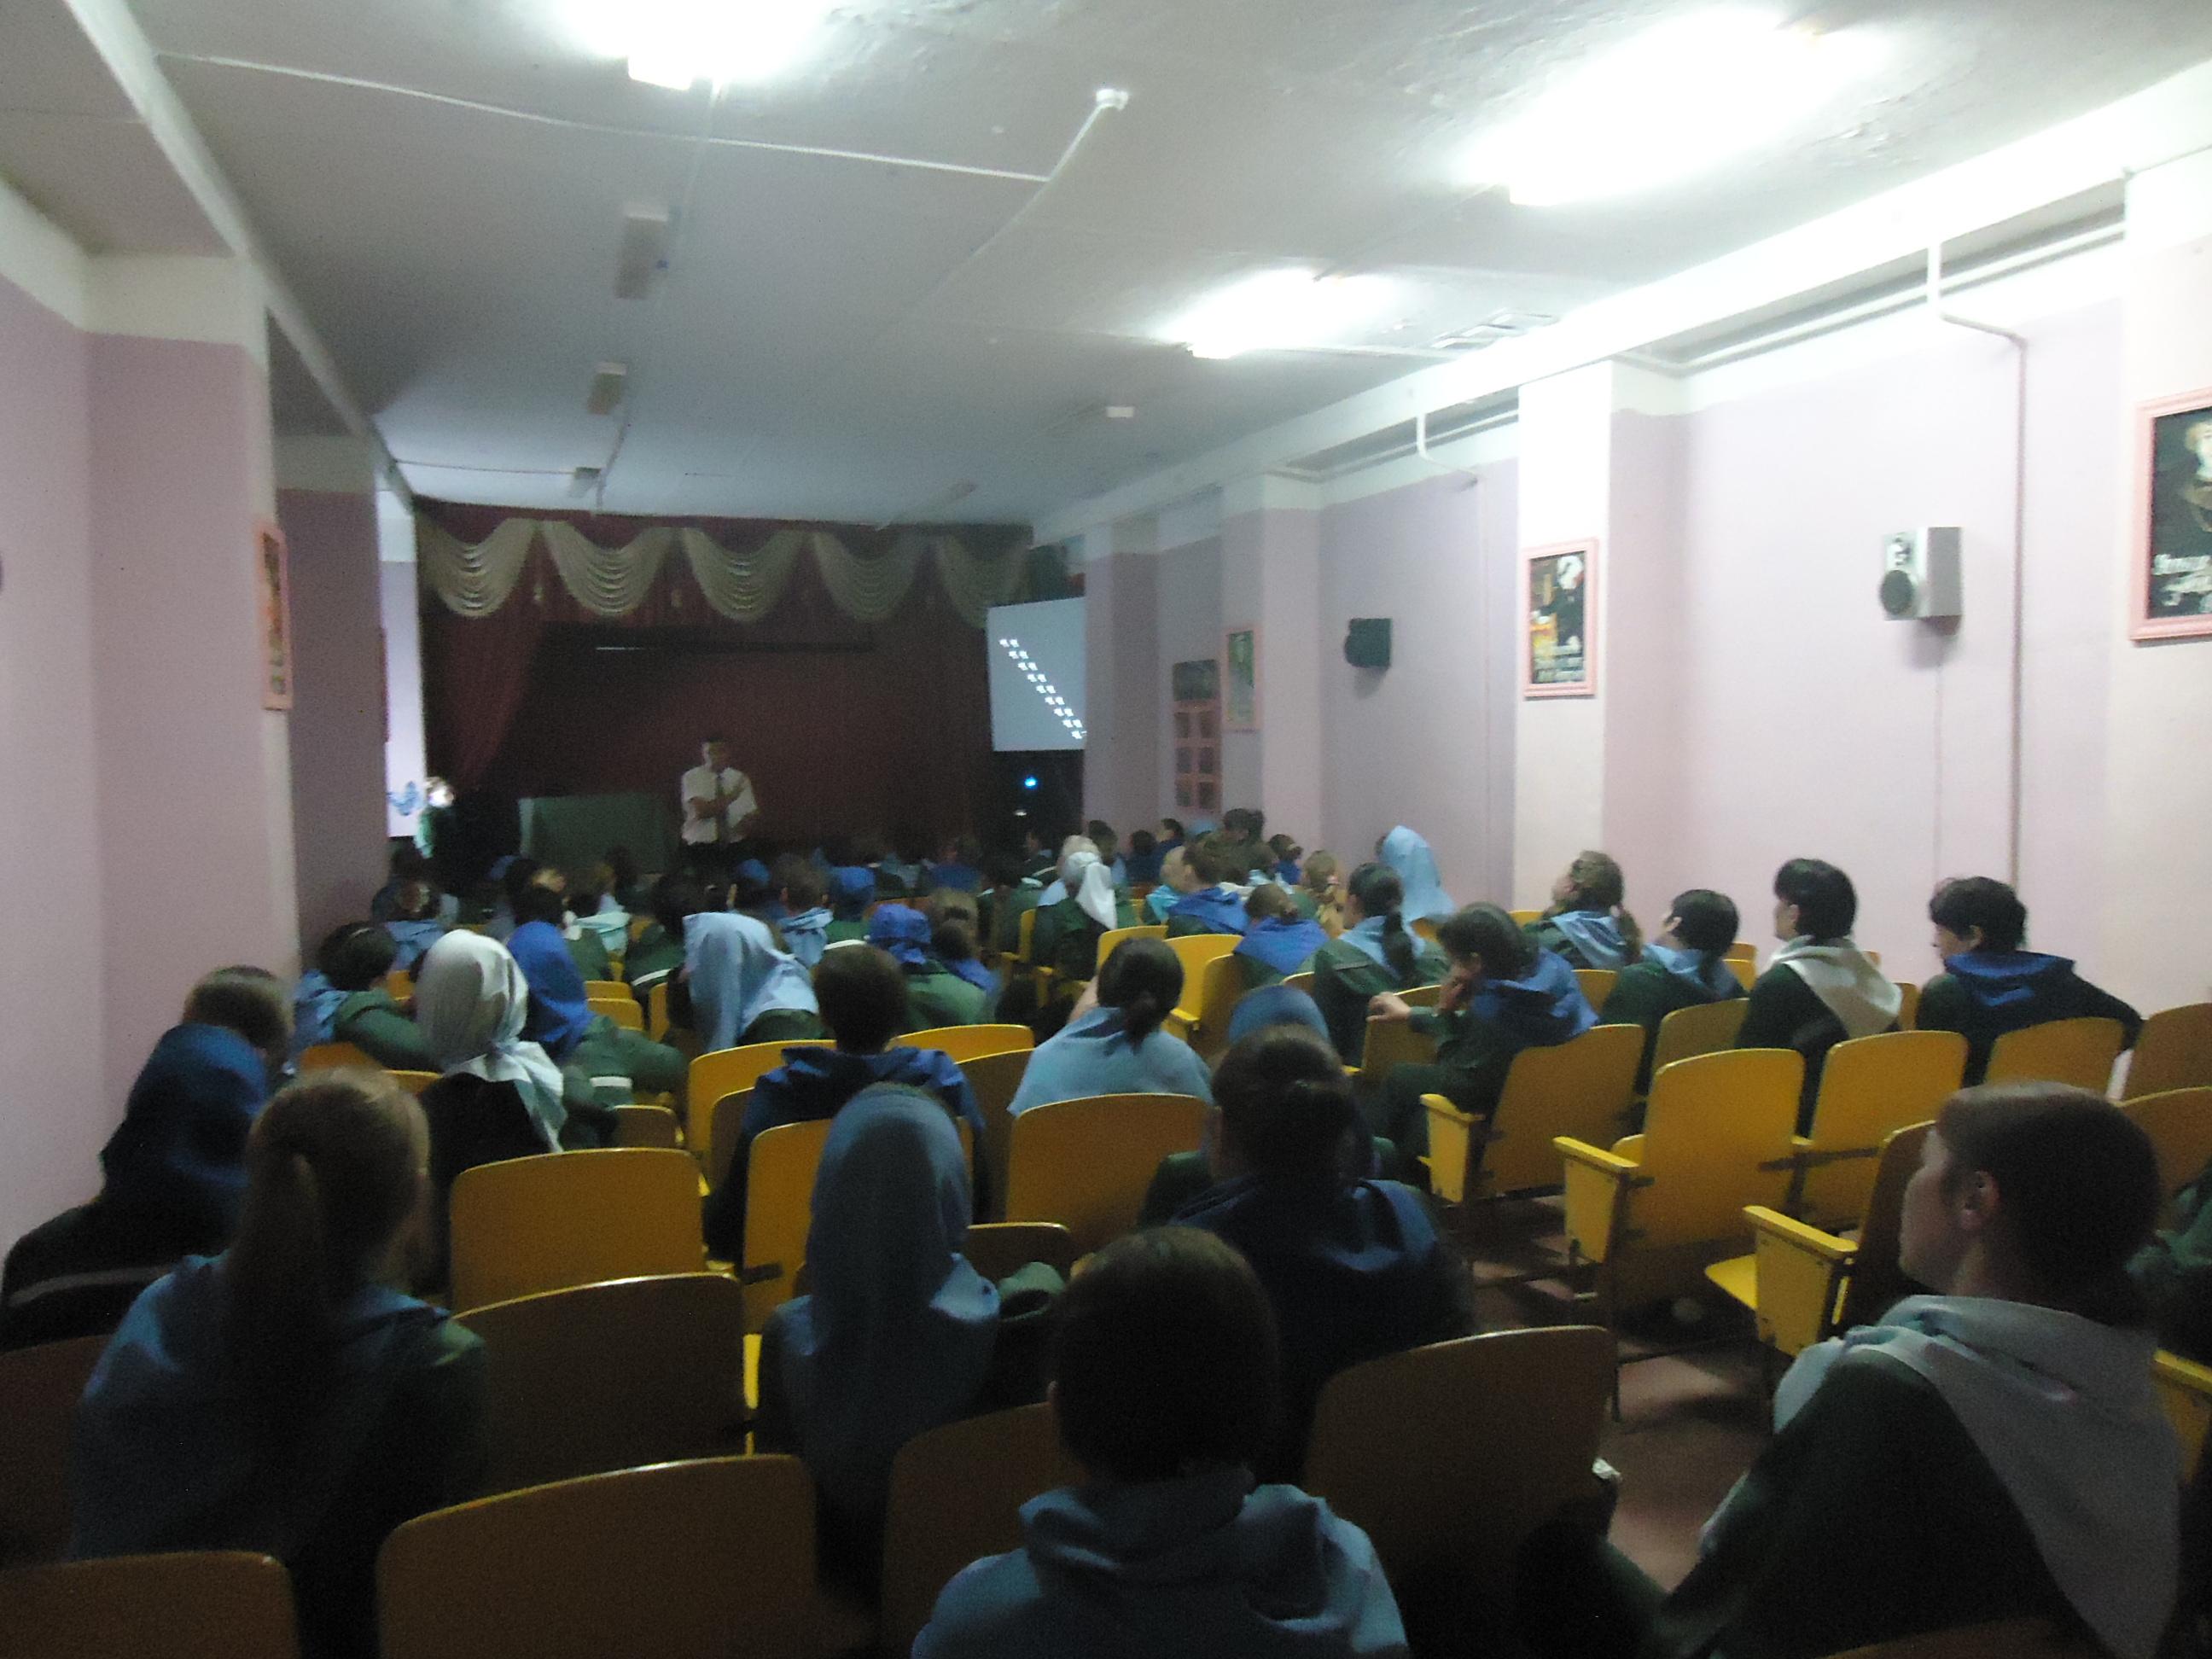 Воспитательно-разъяснительное мероприятие в Исправительной колонии 1 н. п. Икша Московской области